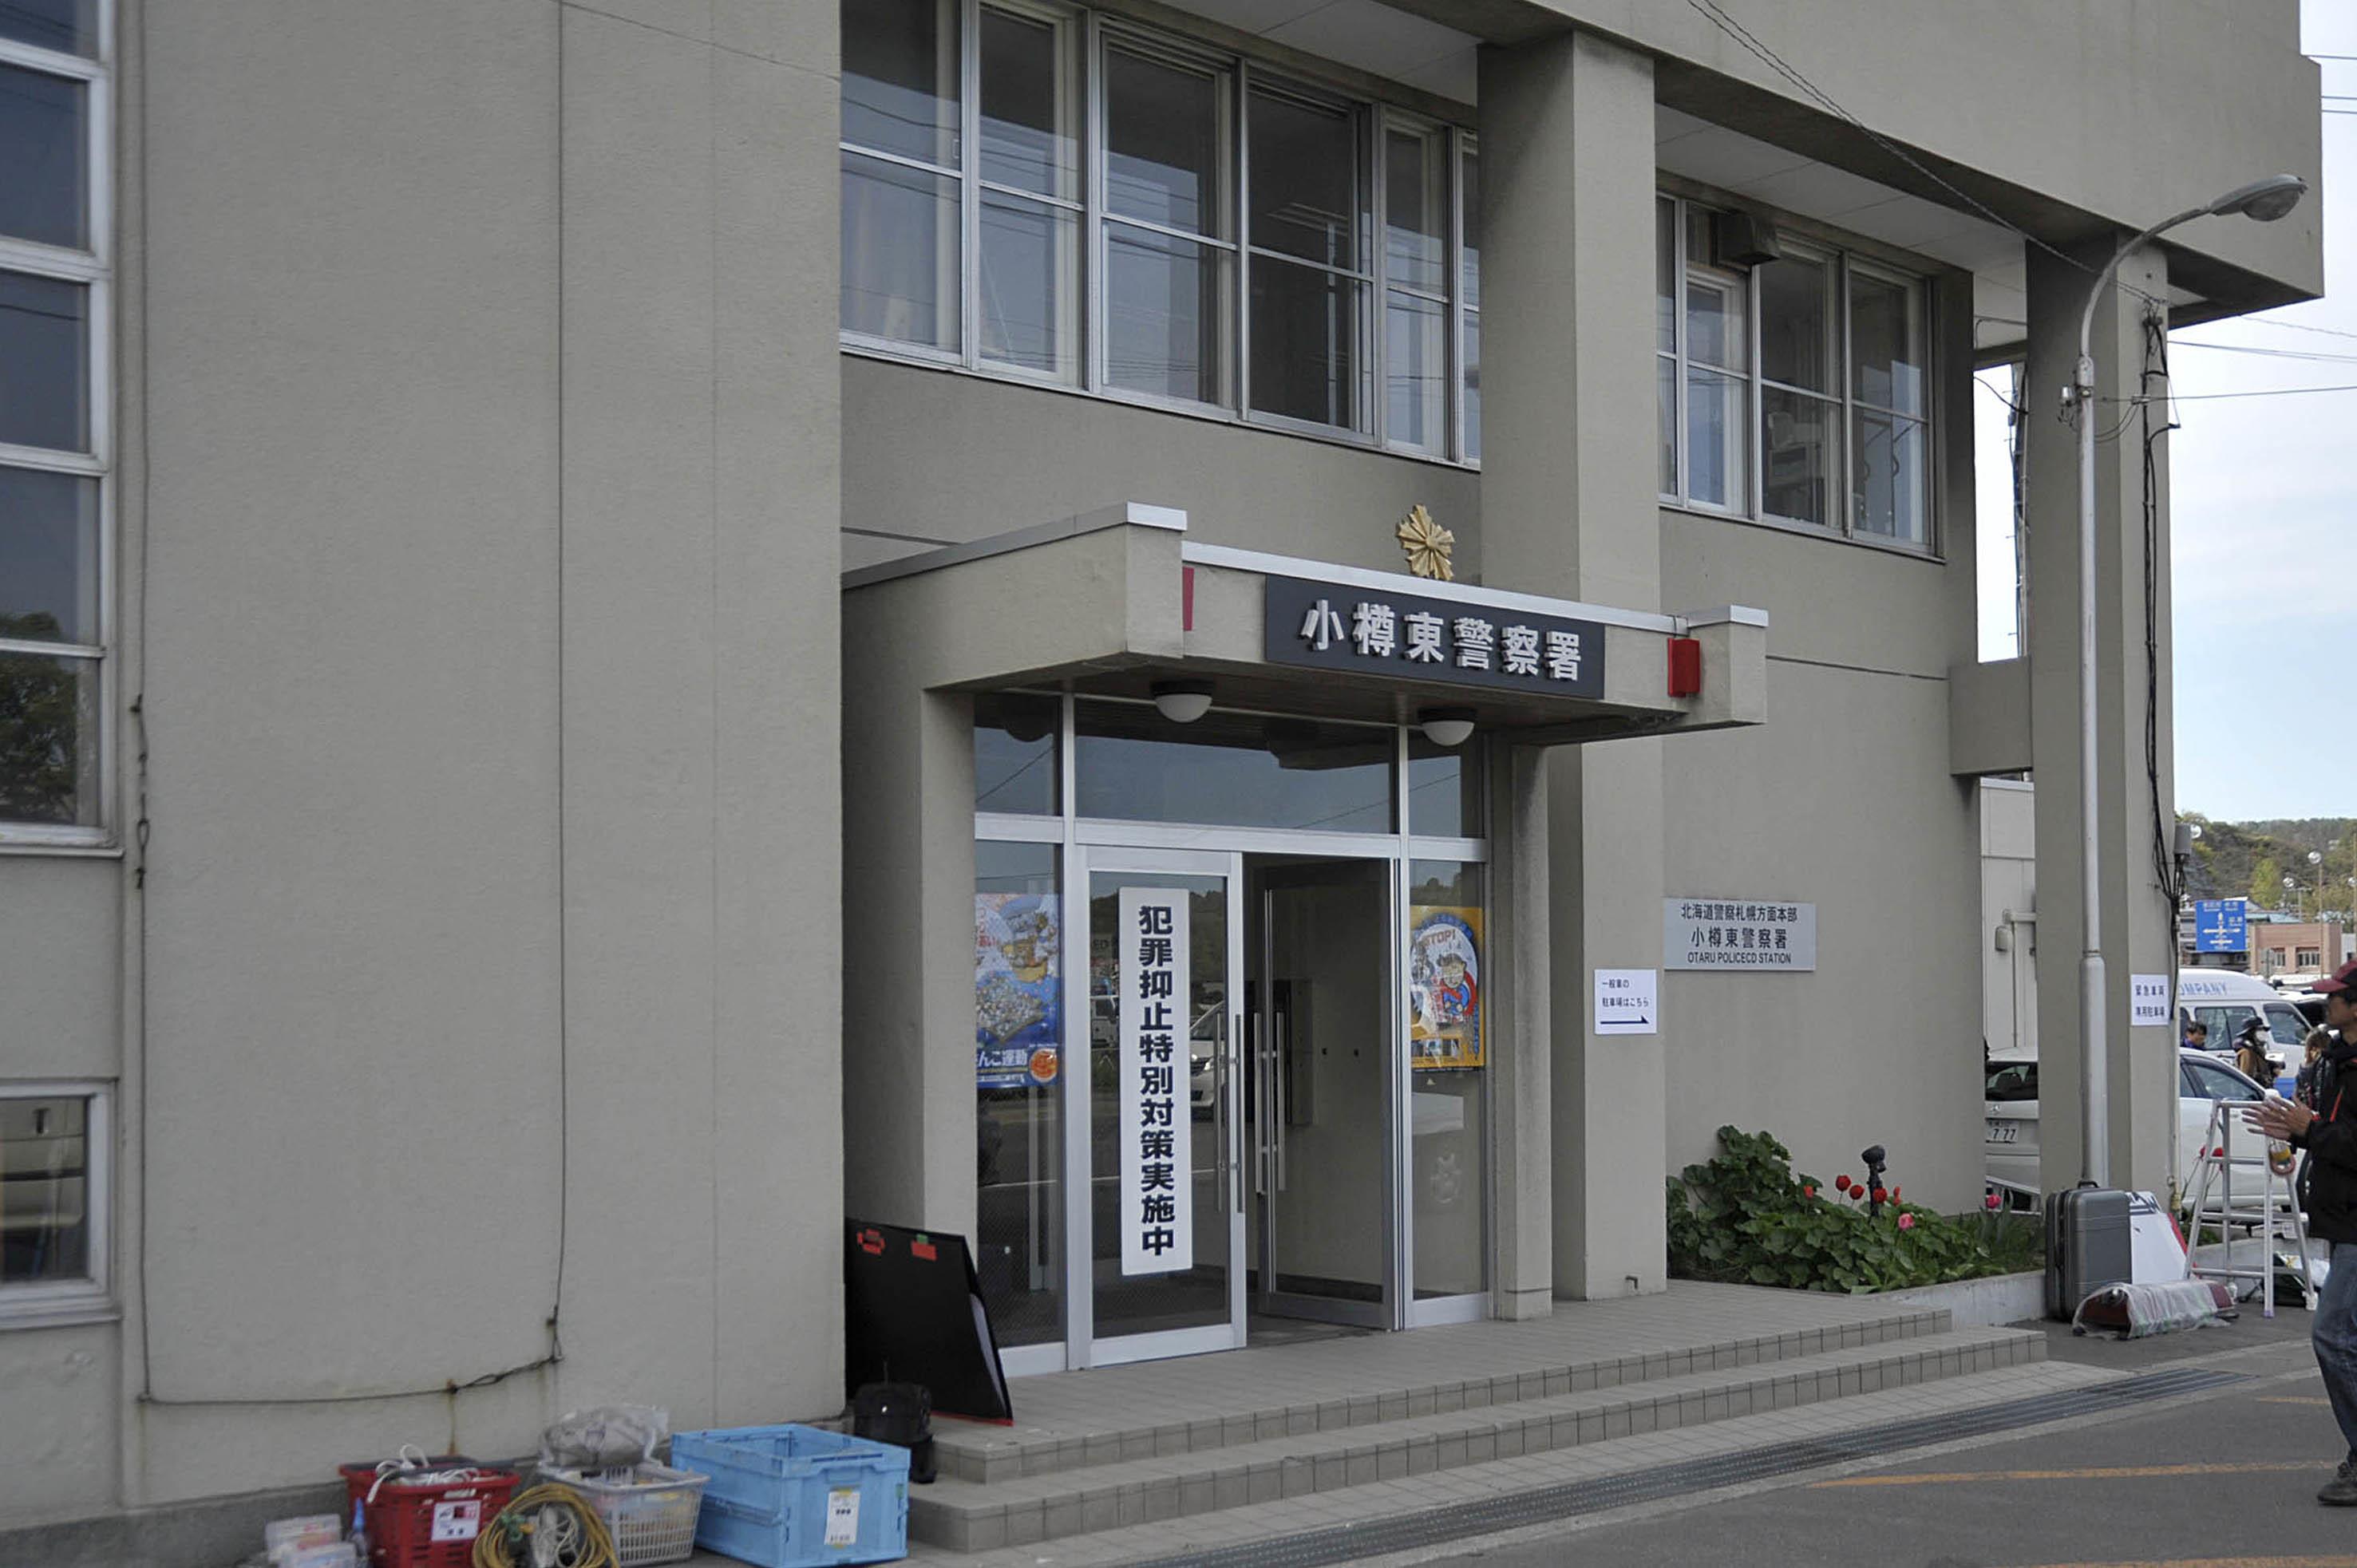 小樽東警察署〉が新オープン!?!?...